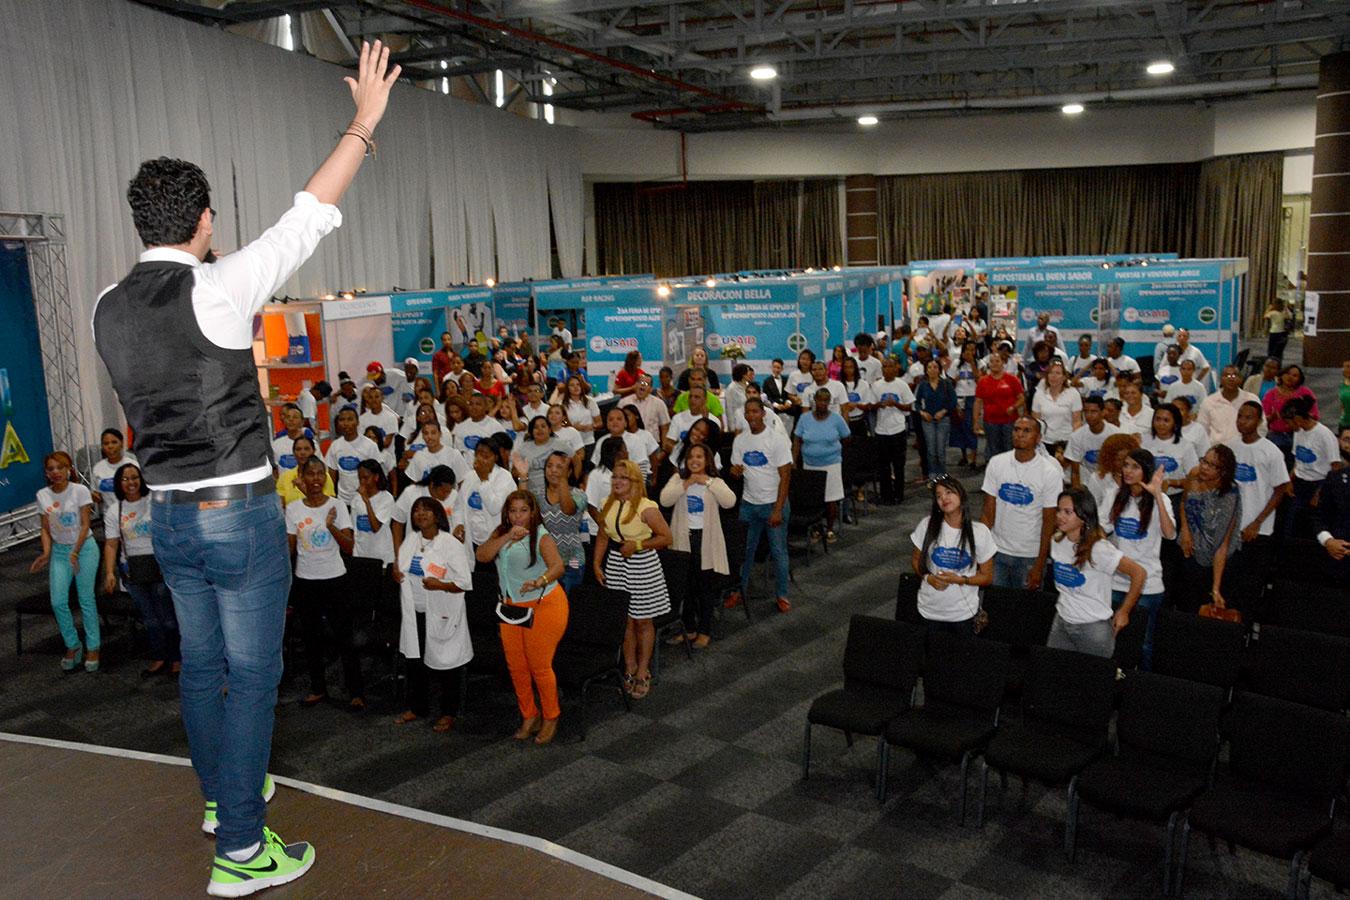 Los asistentes a la actividad que están desempleados tuvieron la oportunidad de depositar sus currículums en el stand de la Vicepresidencia. | Gabriel Alcántara